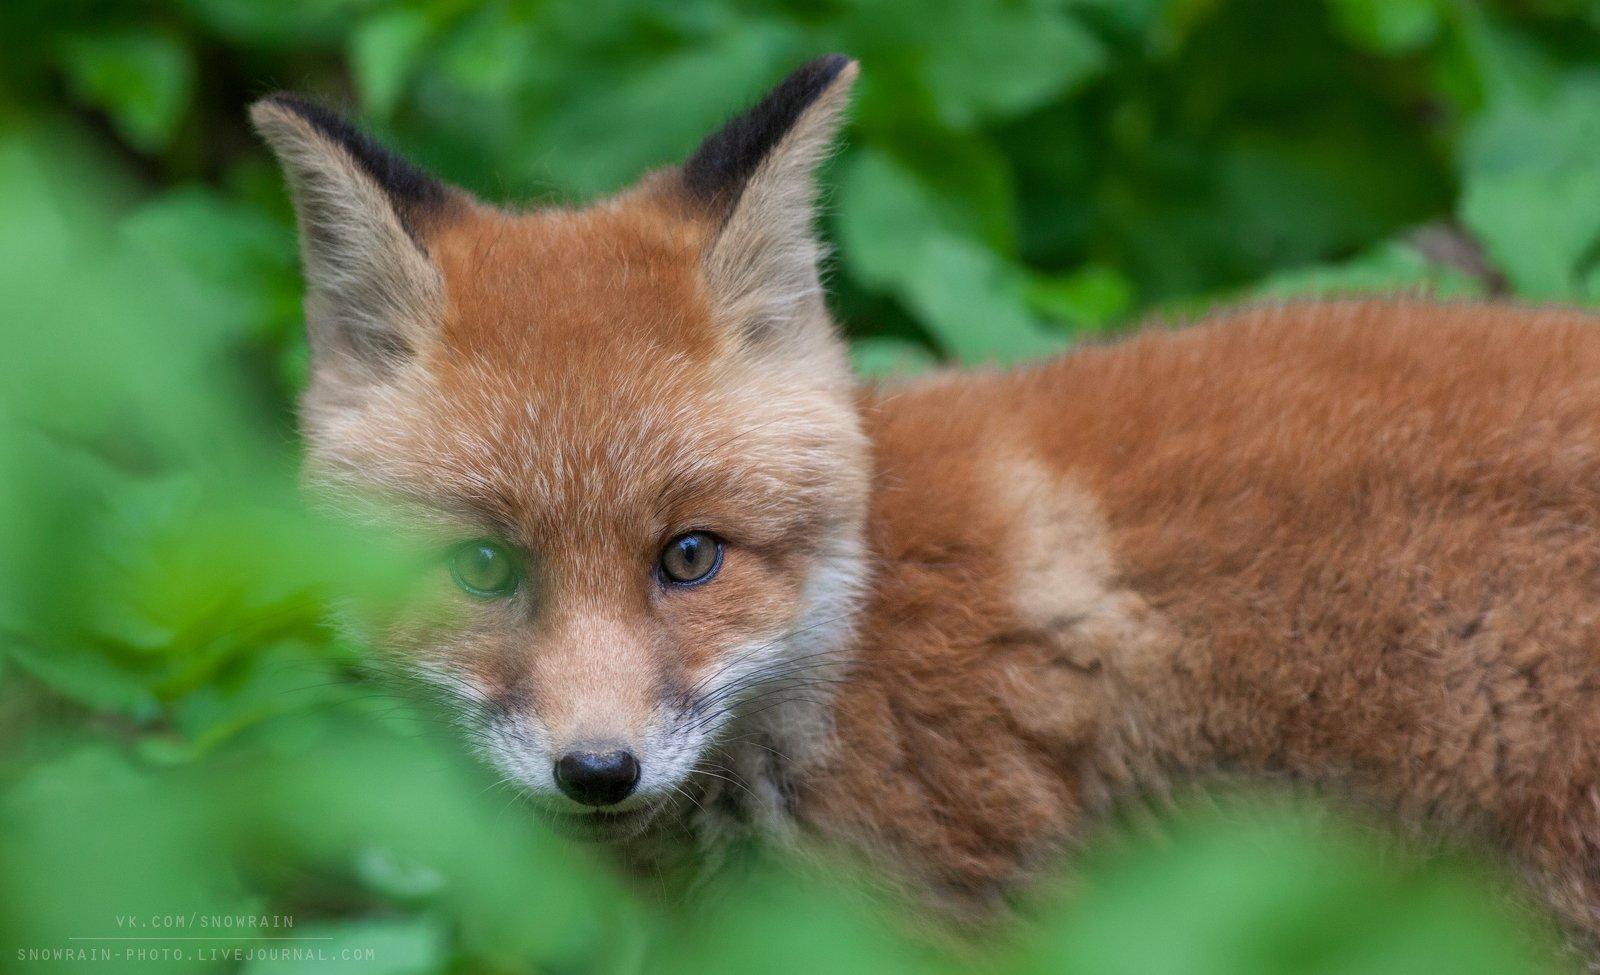 лиса, фотоохота, анималистика, дикая природа, природа, лес, животные, nature, wildlife, fox, animal, wildlifephoto, Snowrain